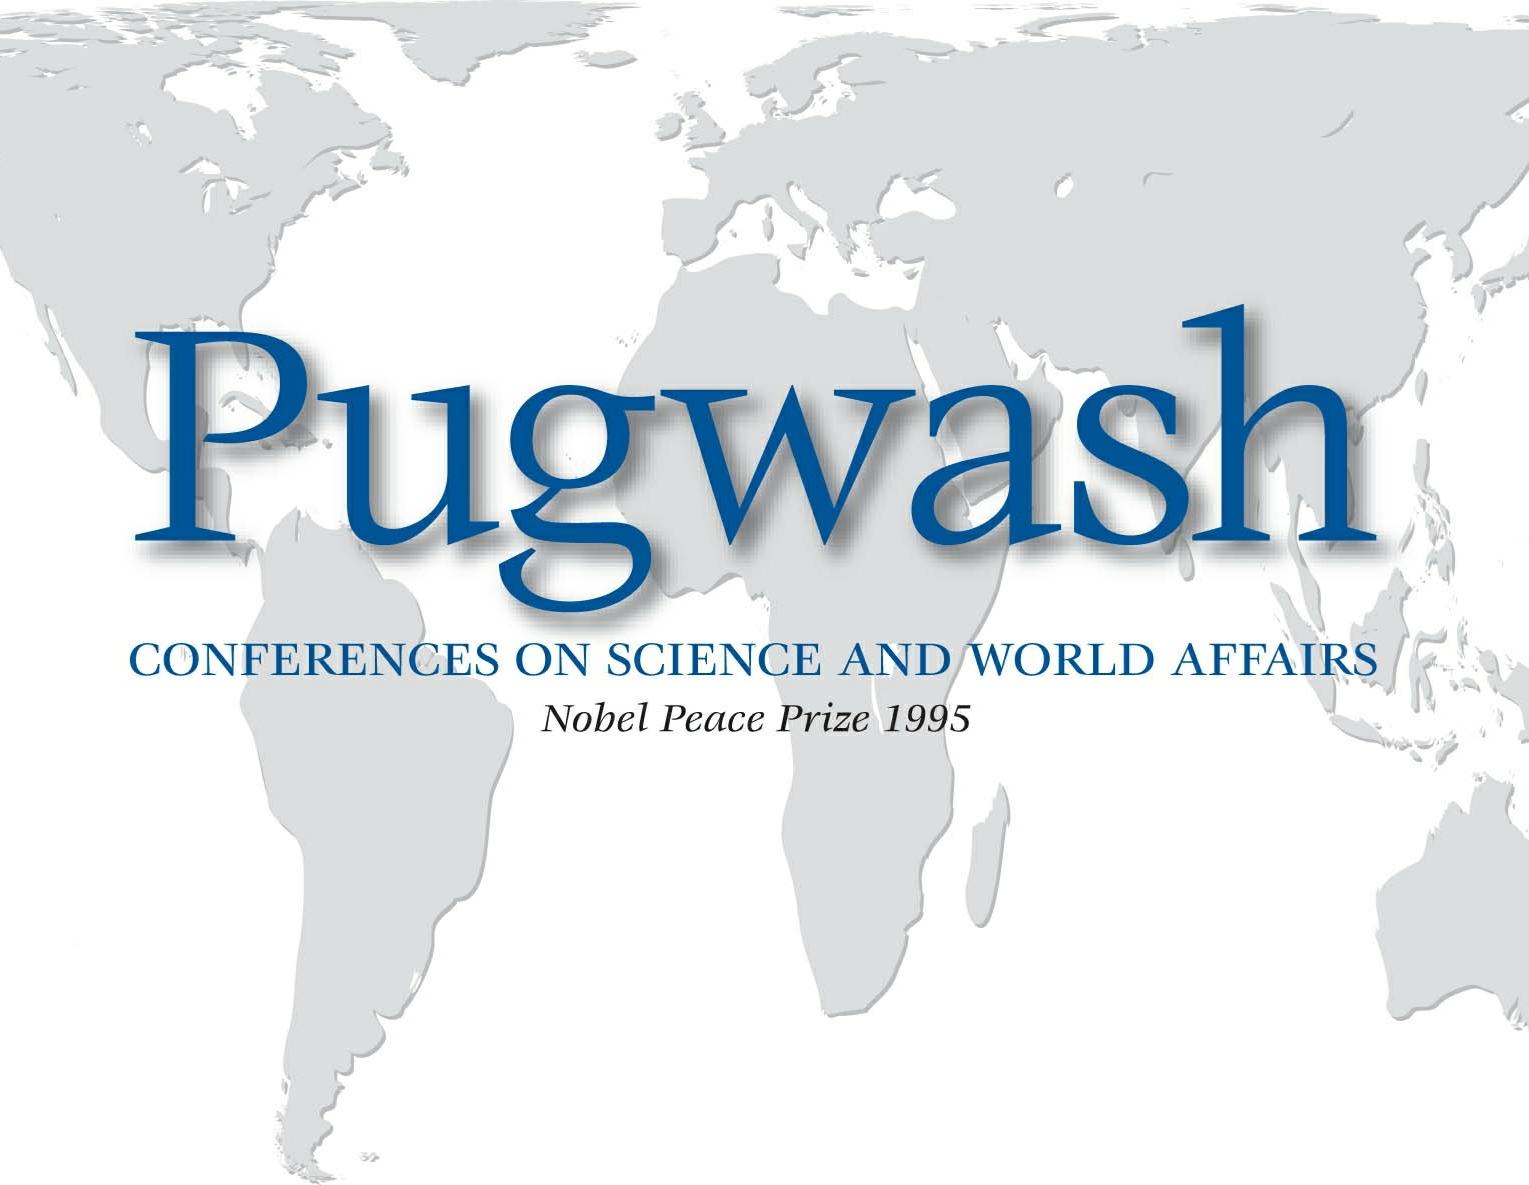 Dichiarazione del Pugwash sul test nucleare condotto dalla Repubblica Popolare di Corea